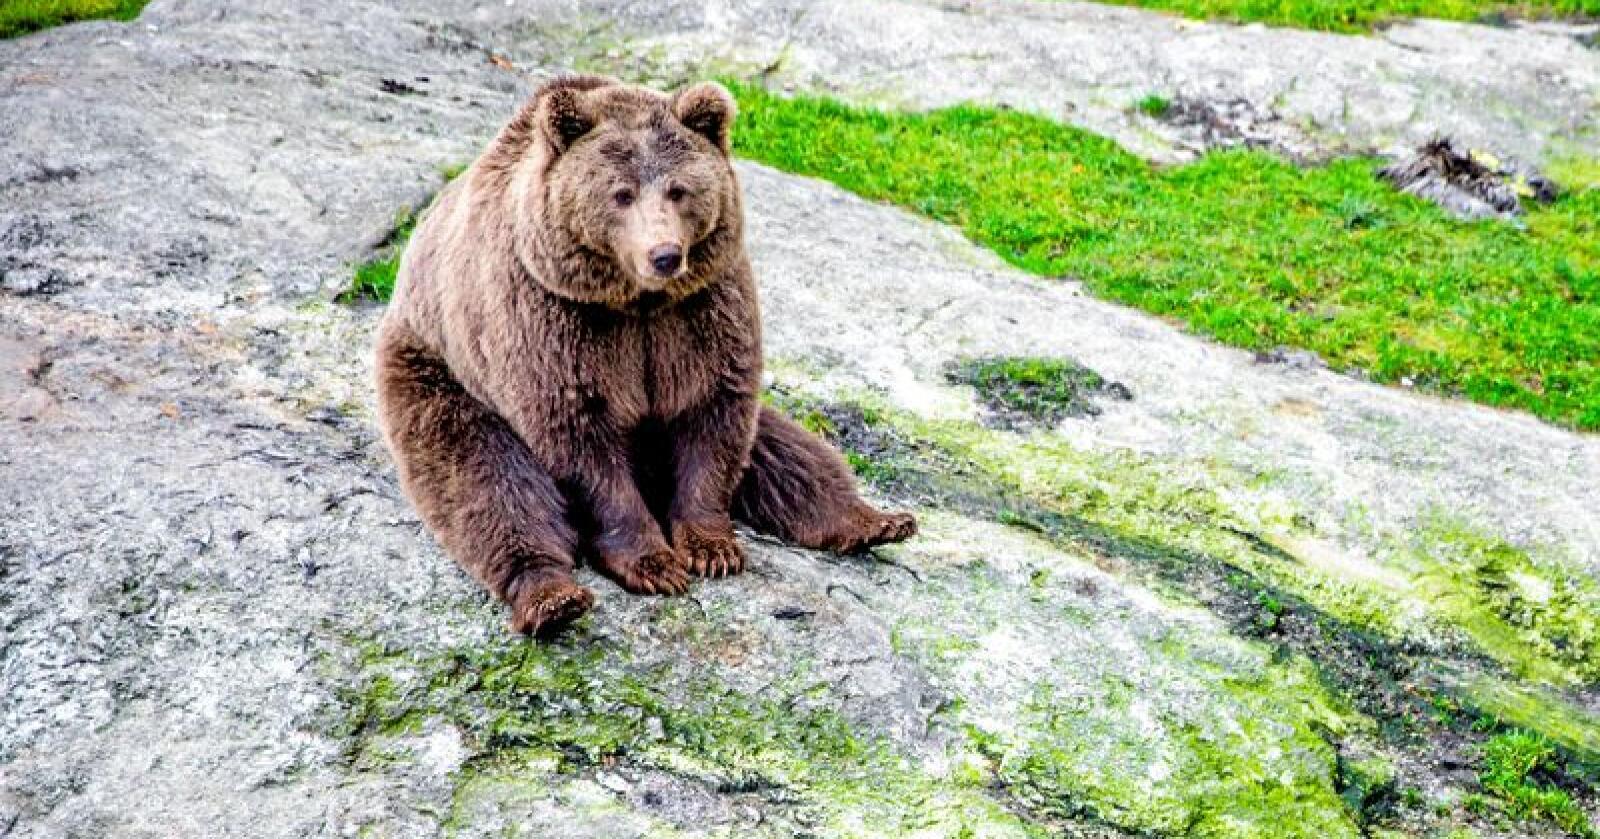 Brunbjørnane er totalfreda og står på raudlista over truga artar i Noreg. No viser ei nasjonal overvaking positiv utvikling for bestanden. Foto: Stian Lysberg Solum / NTB scanpix / NPK